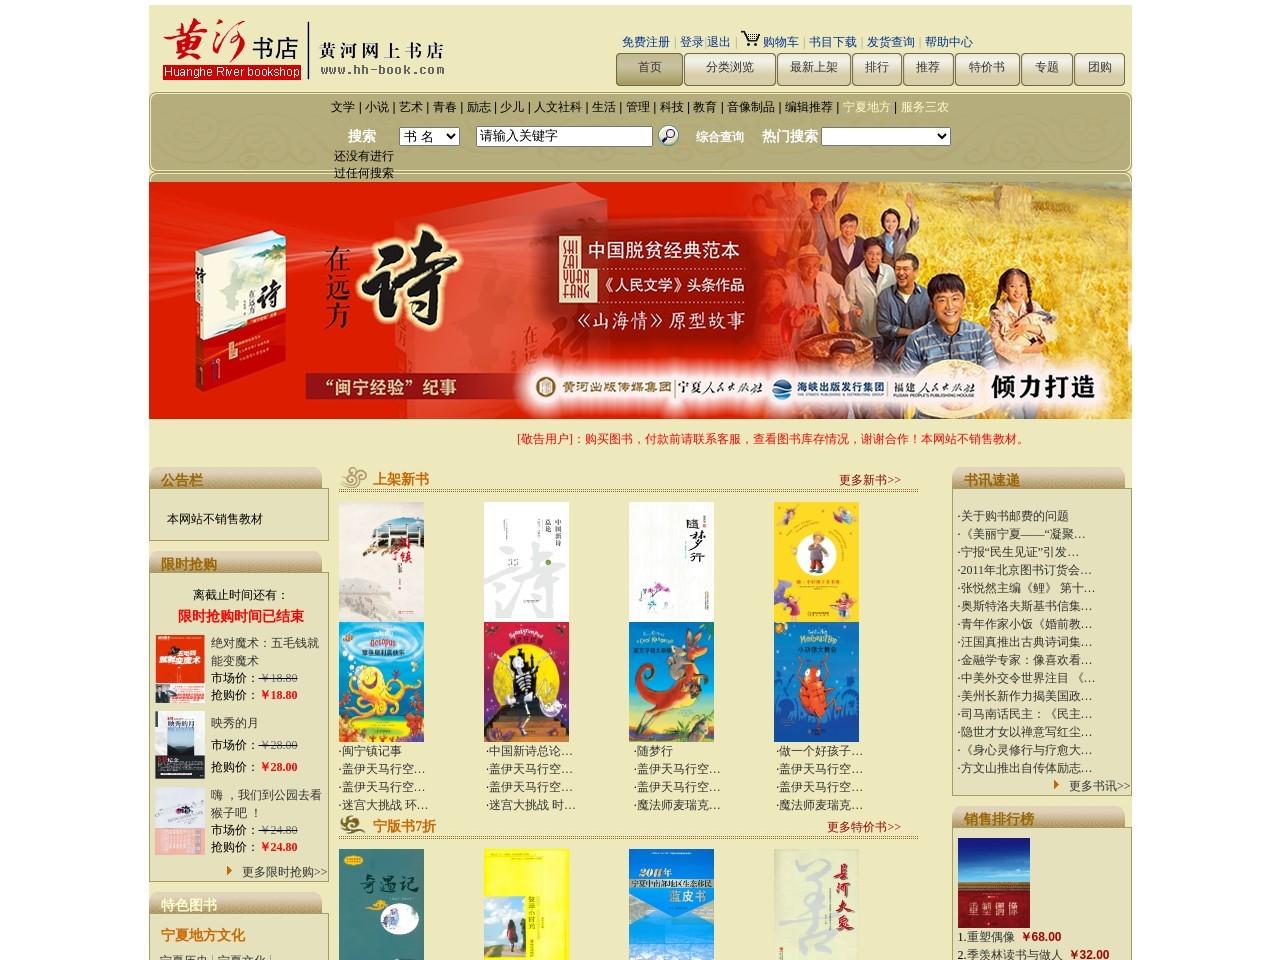 黄河网上书店